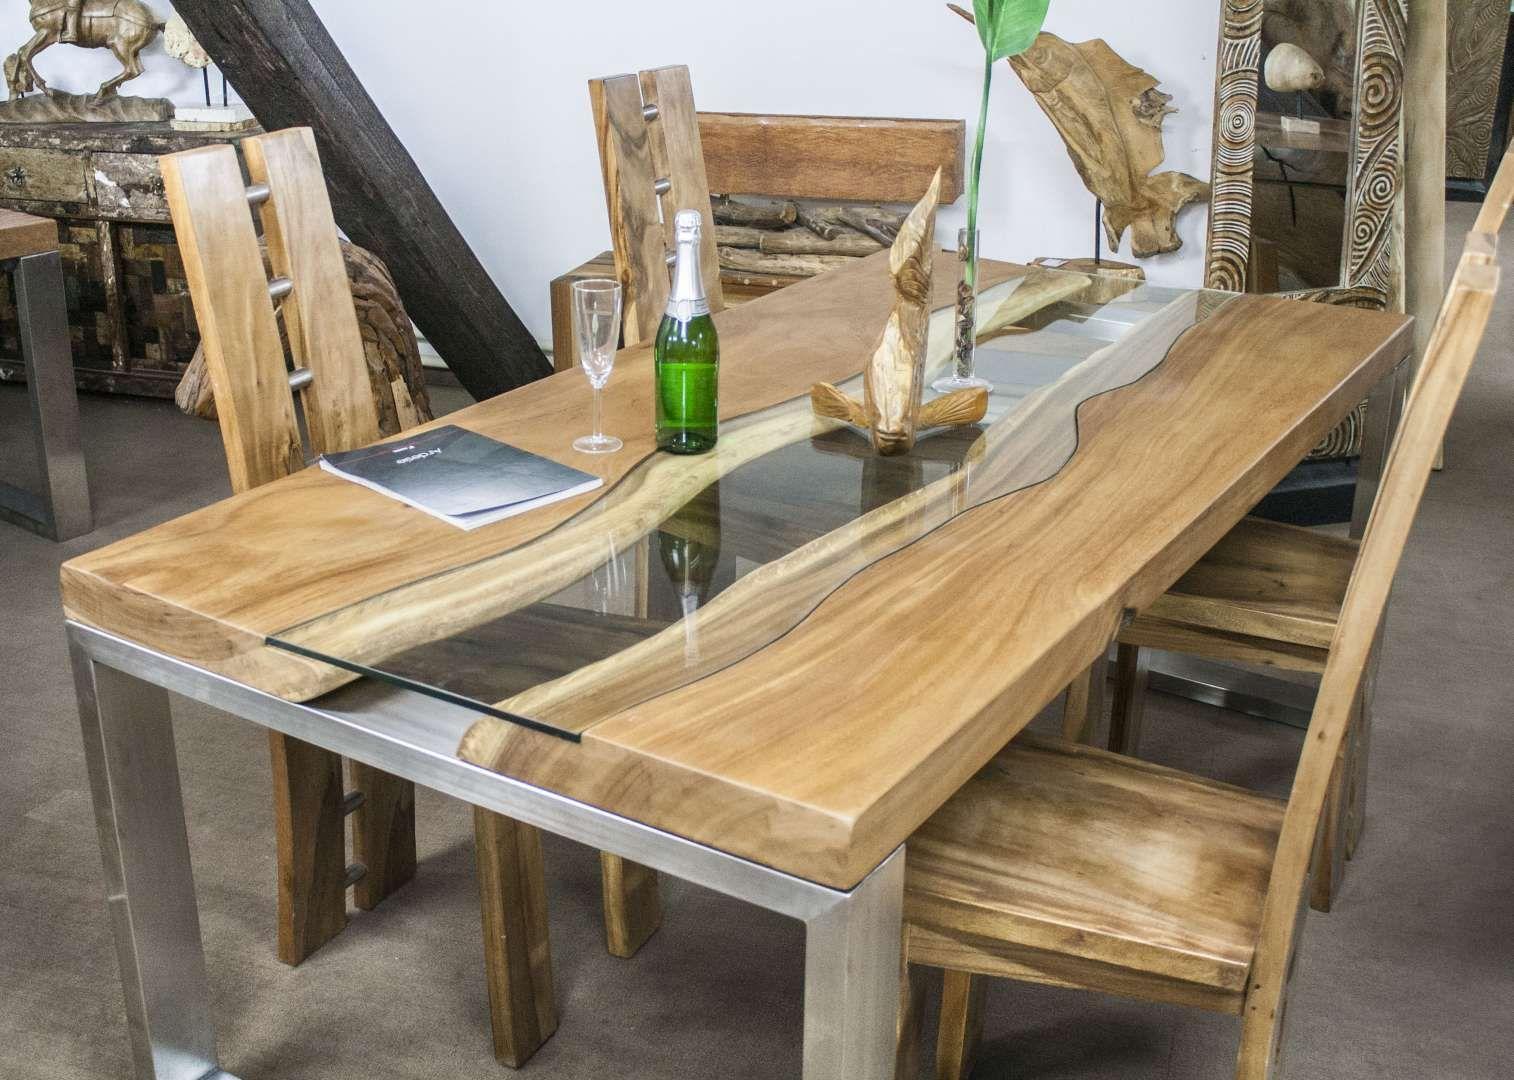 Esstisch 200 X 100 Cm Serie Elements Der Tischonkel Esstisch Holz Tisch Selber Bauen Esstisch Design